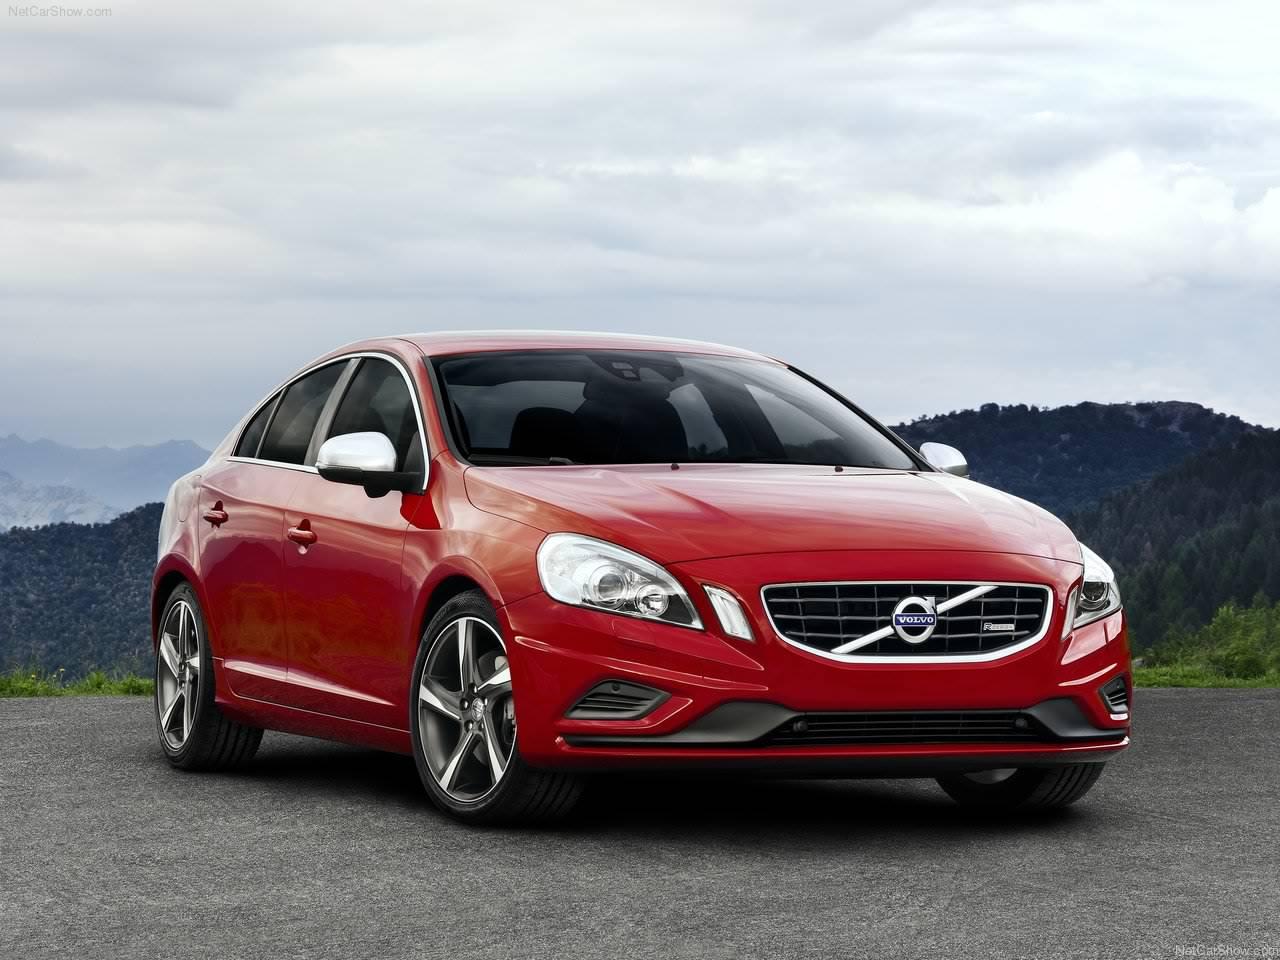 http://3.bp.blogspot.com/_lsyt_wQ2awY/TJjORrES-GI/AAAAAAACFNg/cEg9AjW0Gt4/s1600/Volvo-S60_R-Design_2011_1280x960_wallpaper_01.jpg